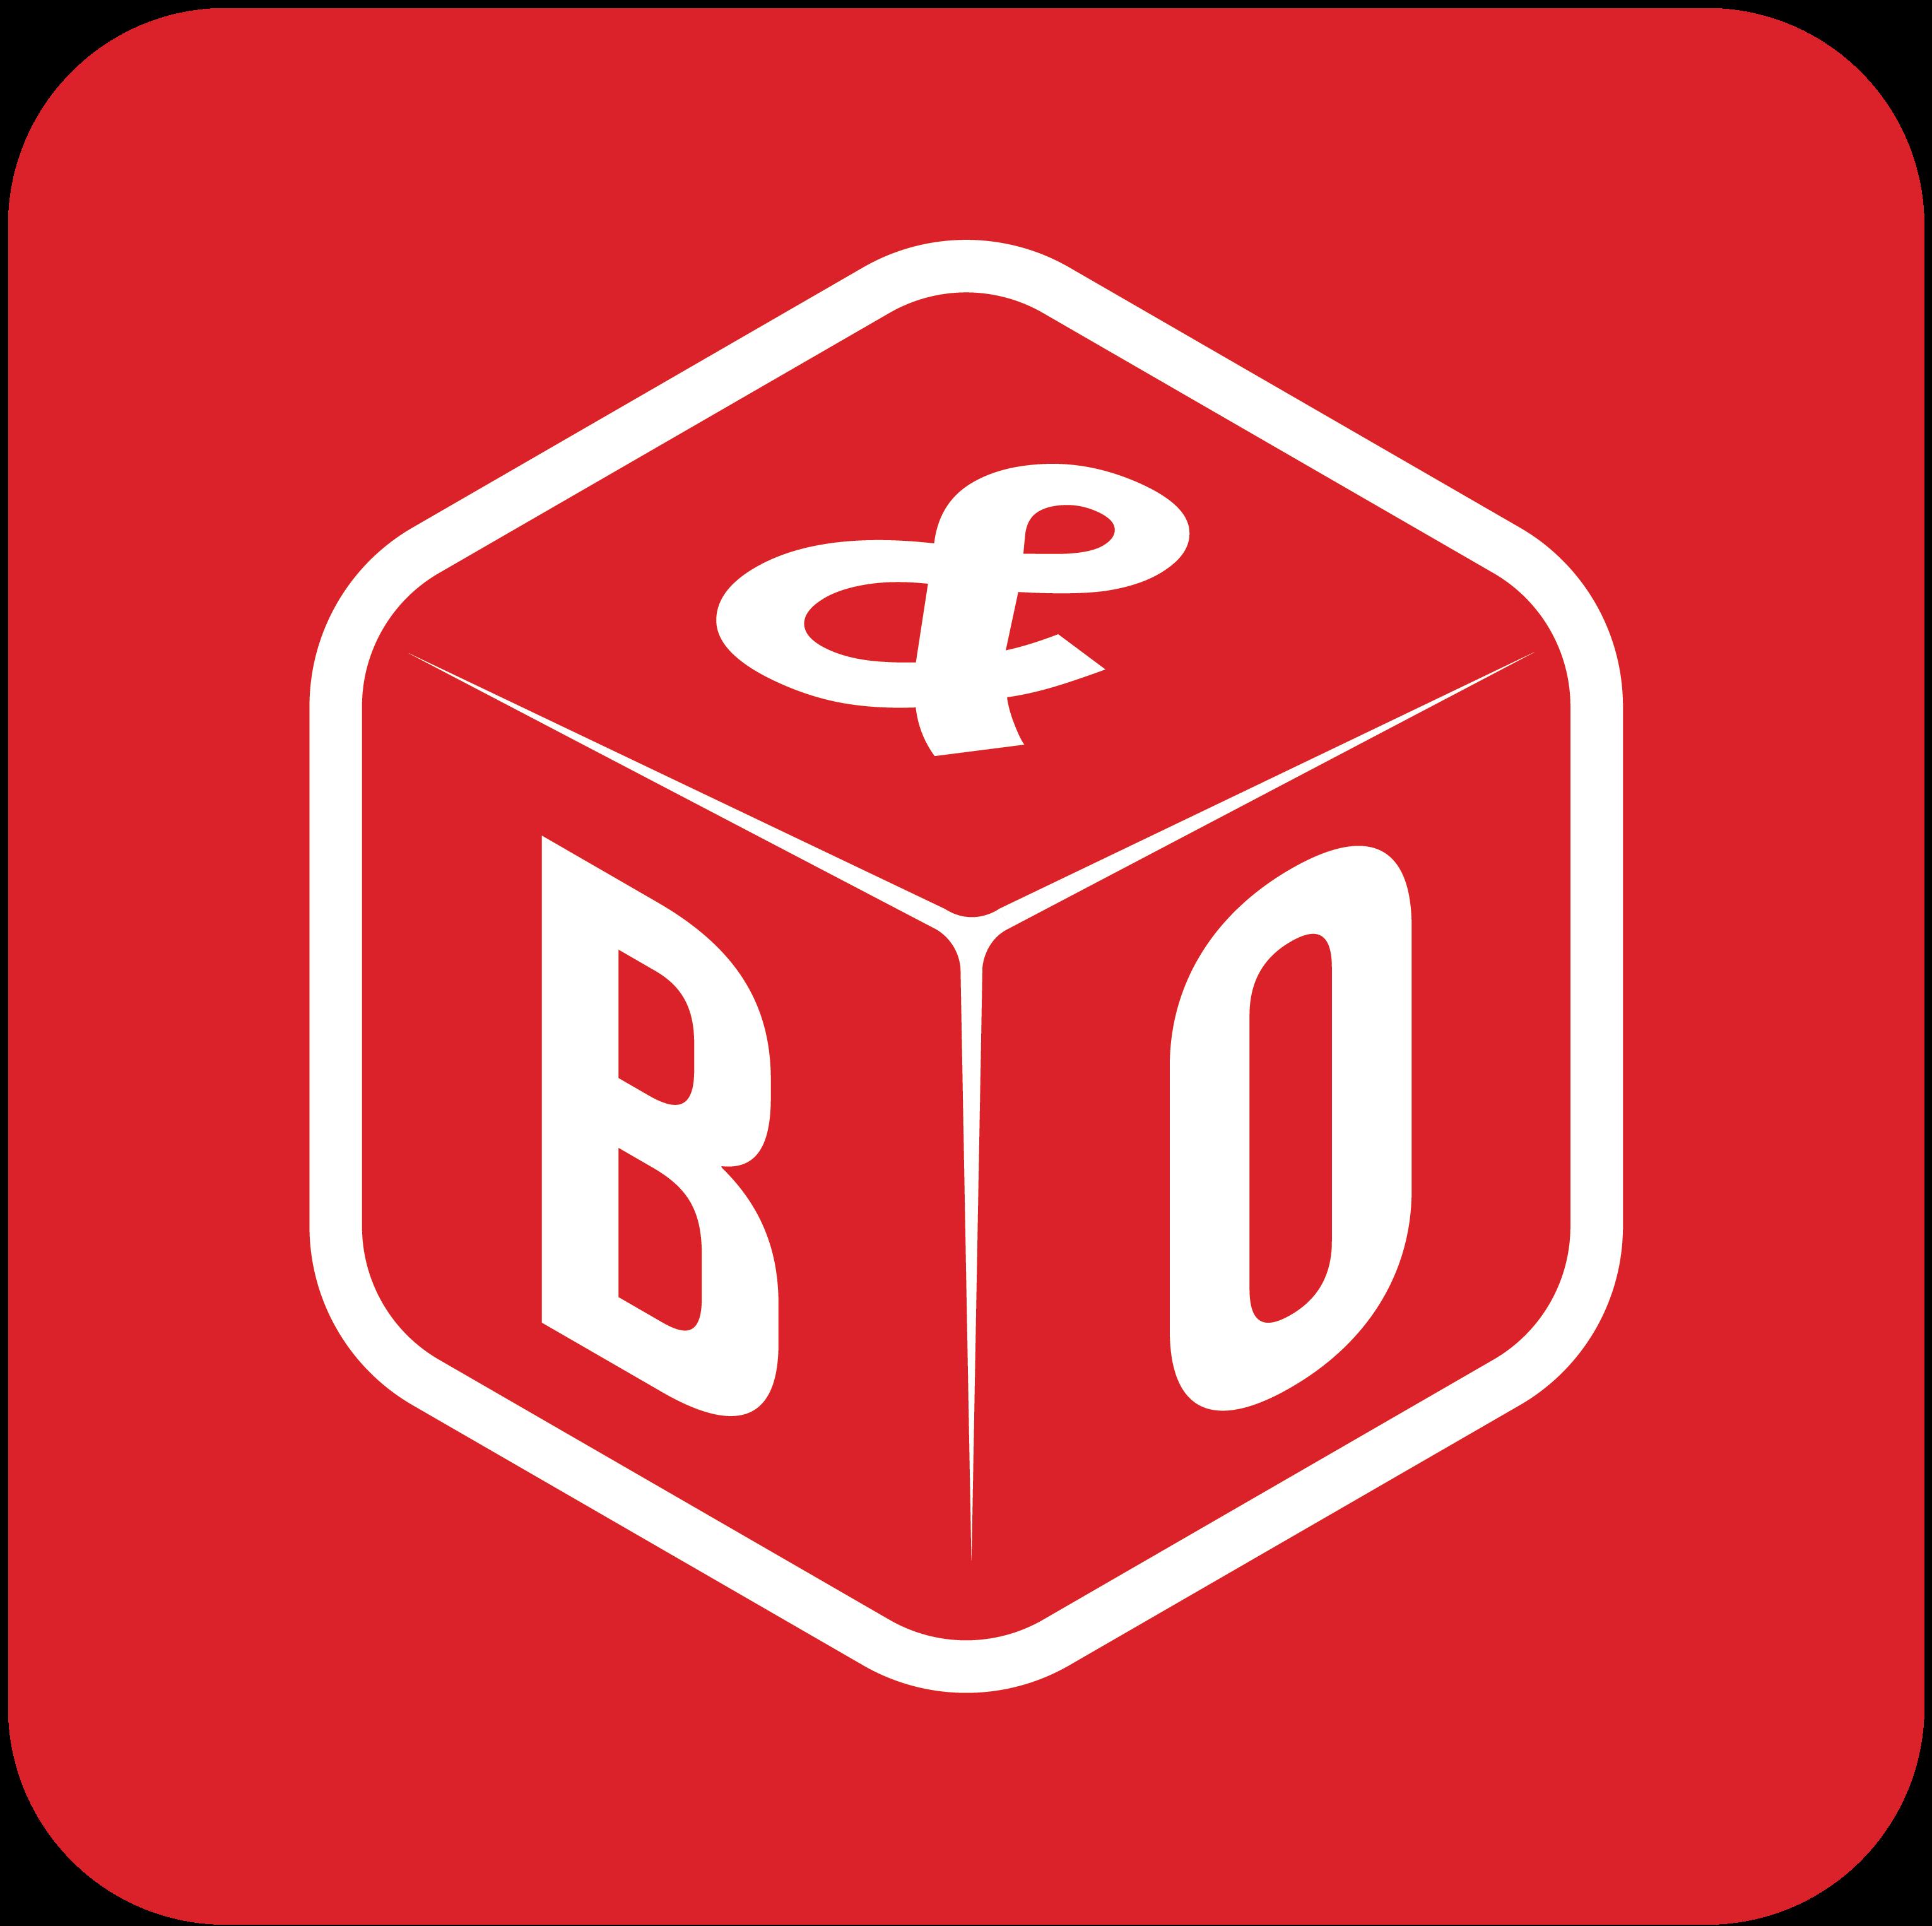 B&O Groep B.V.